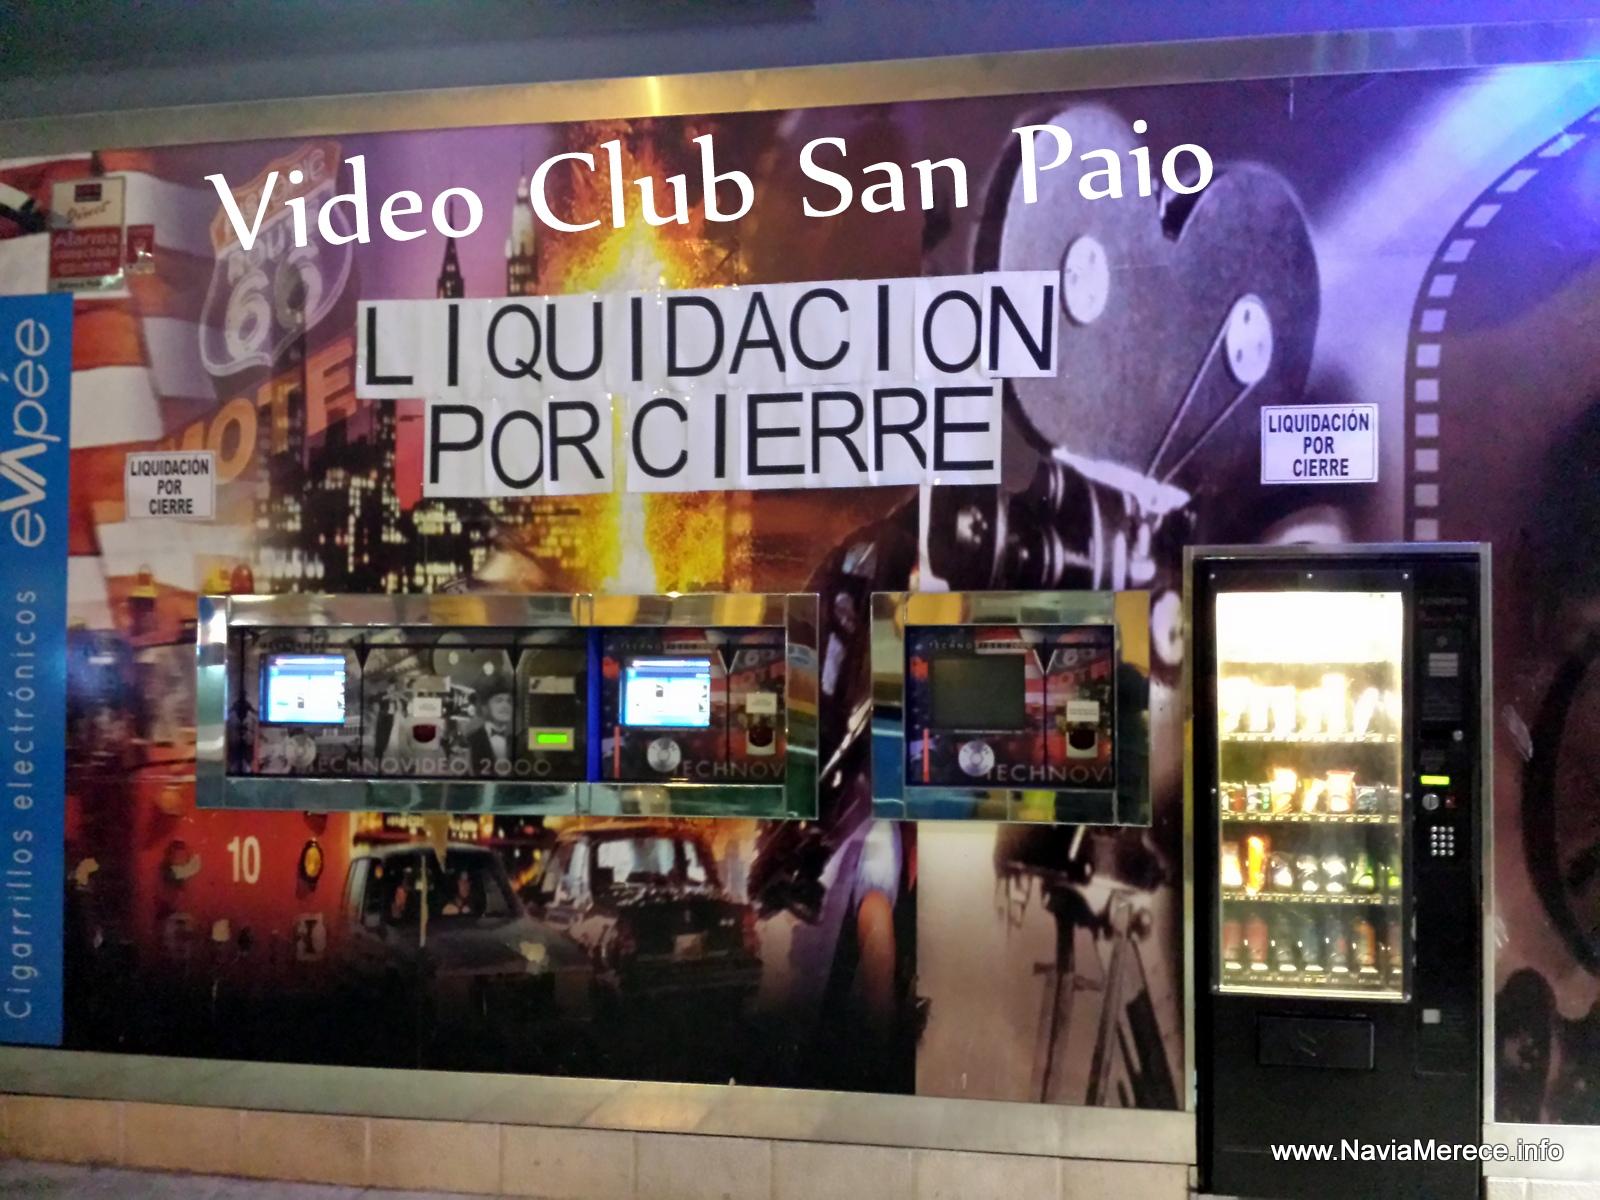 Cierra el videoclub del pau navia merece info - Liquidacion cocinas por cierre ...